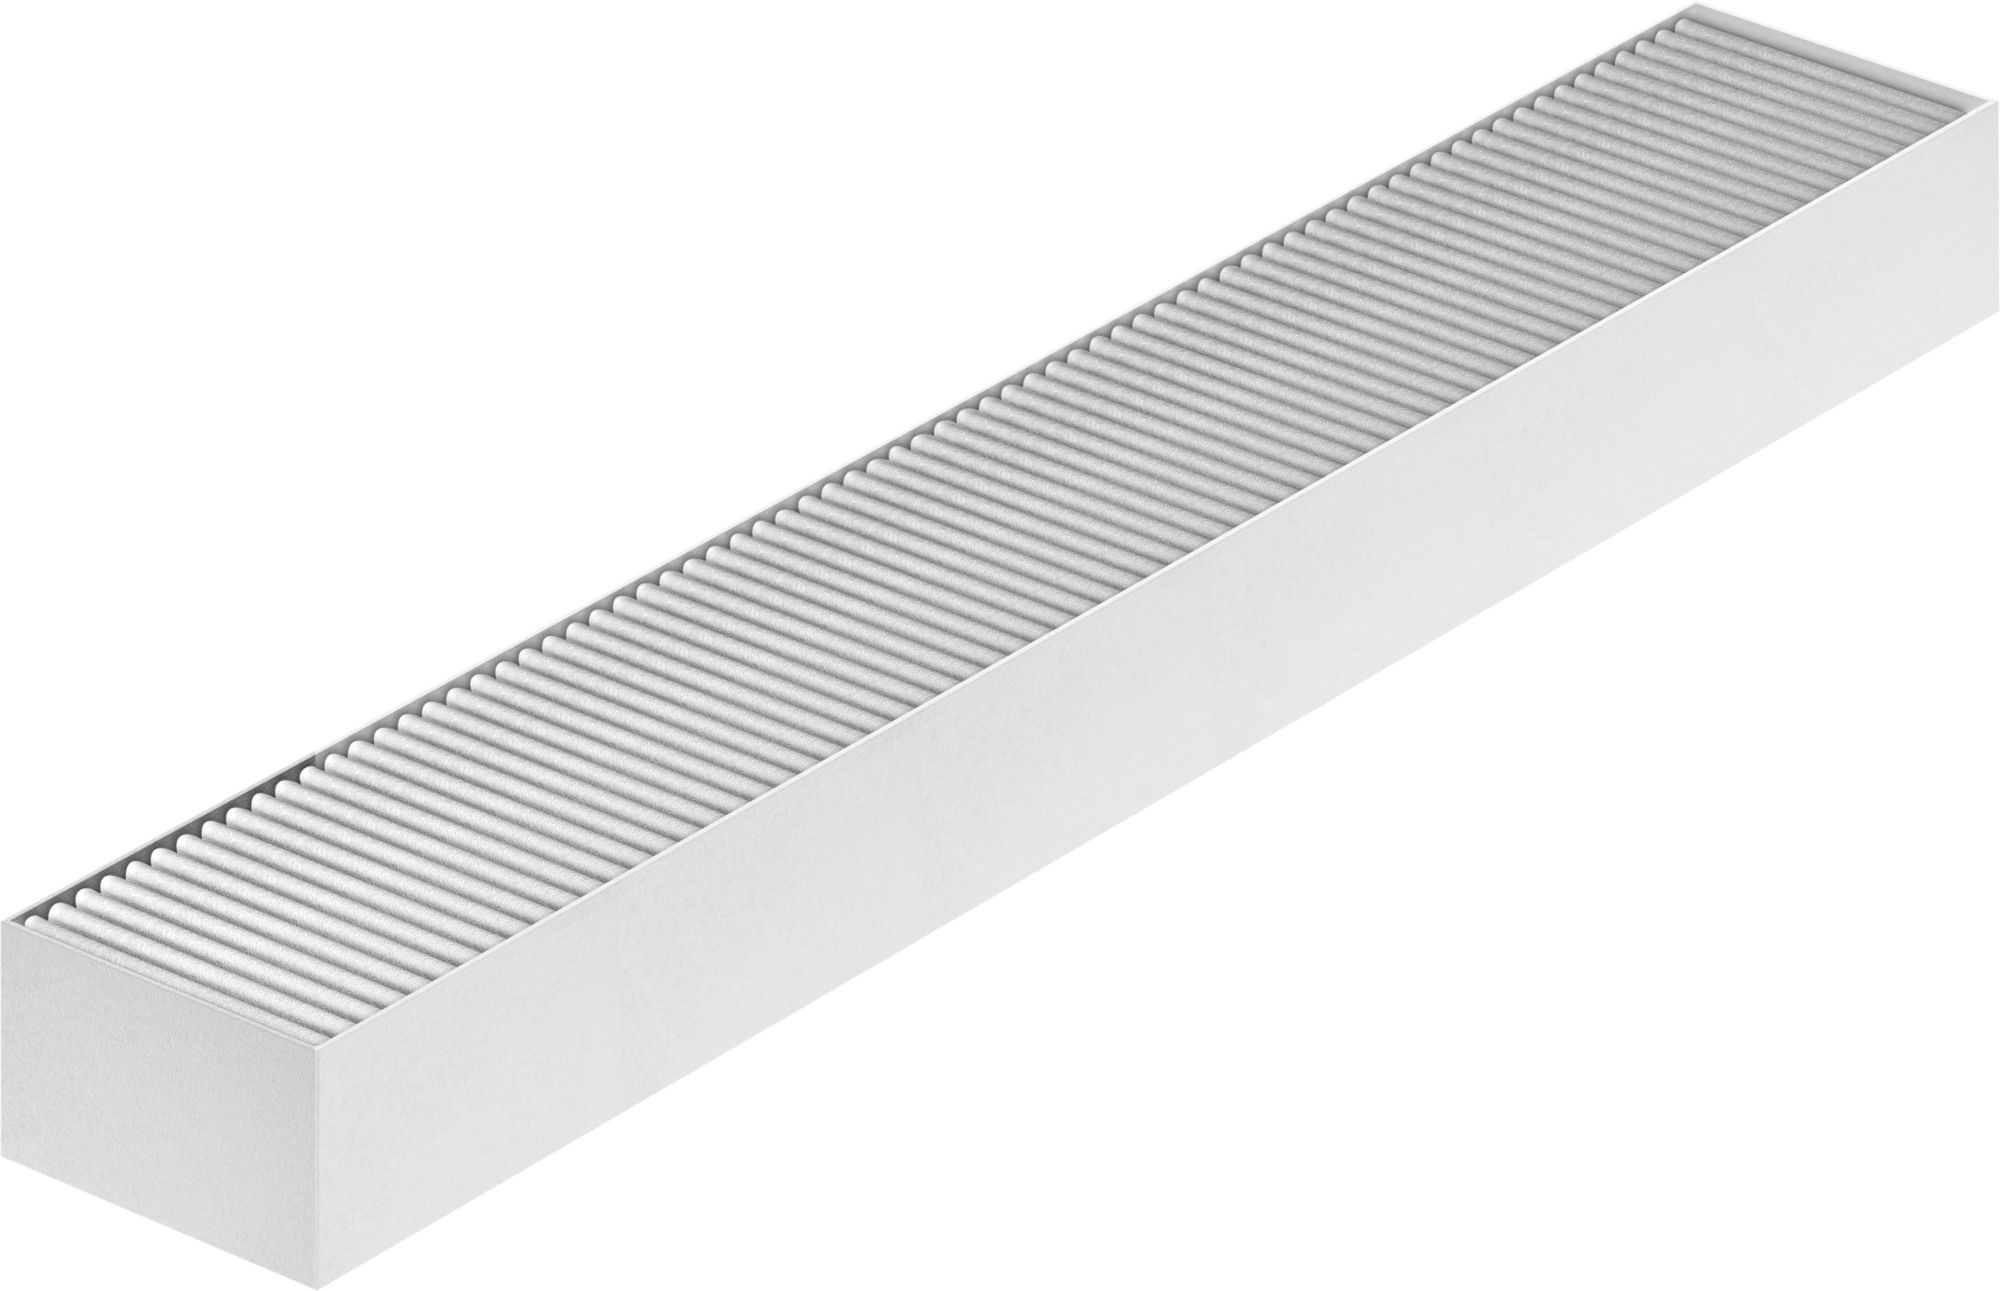 Toebehoren Actieve koolstoffilter voor cleanAir starterset decoratieve afvoergroep compact